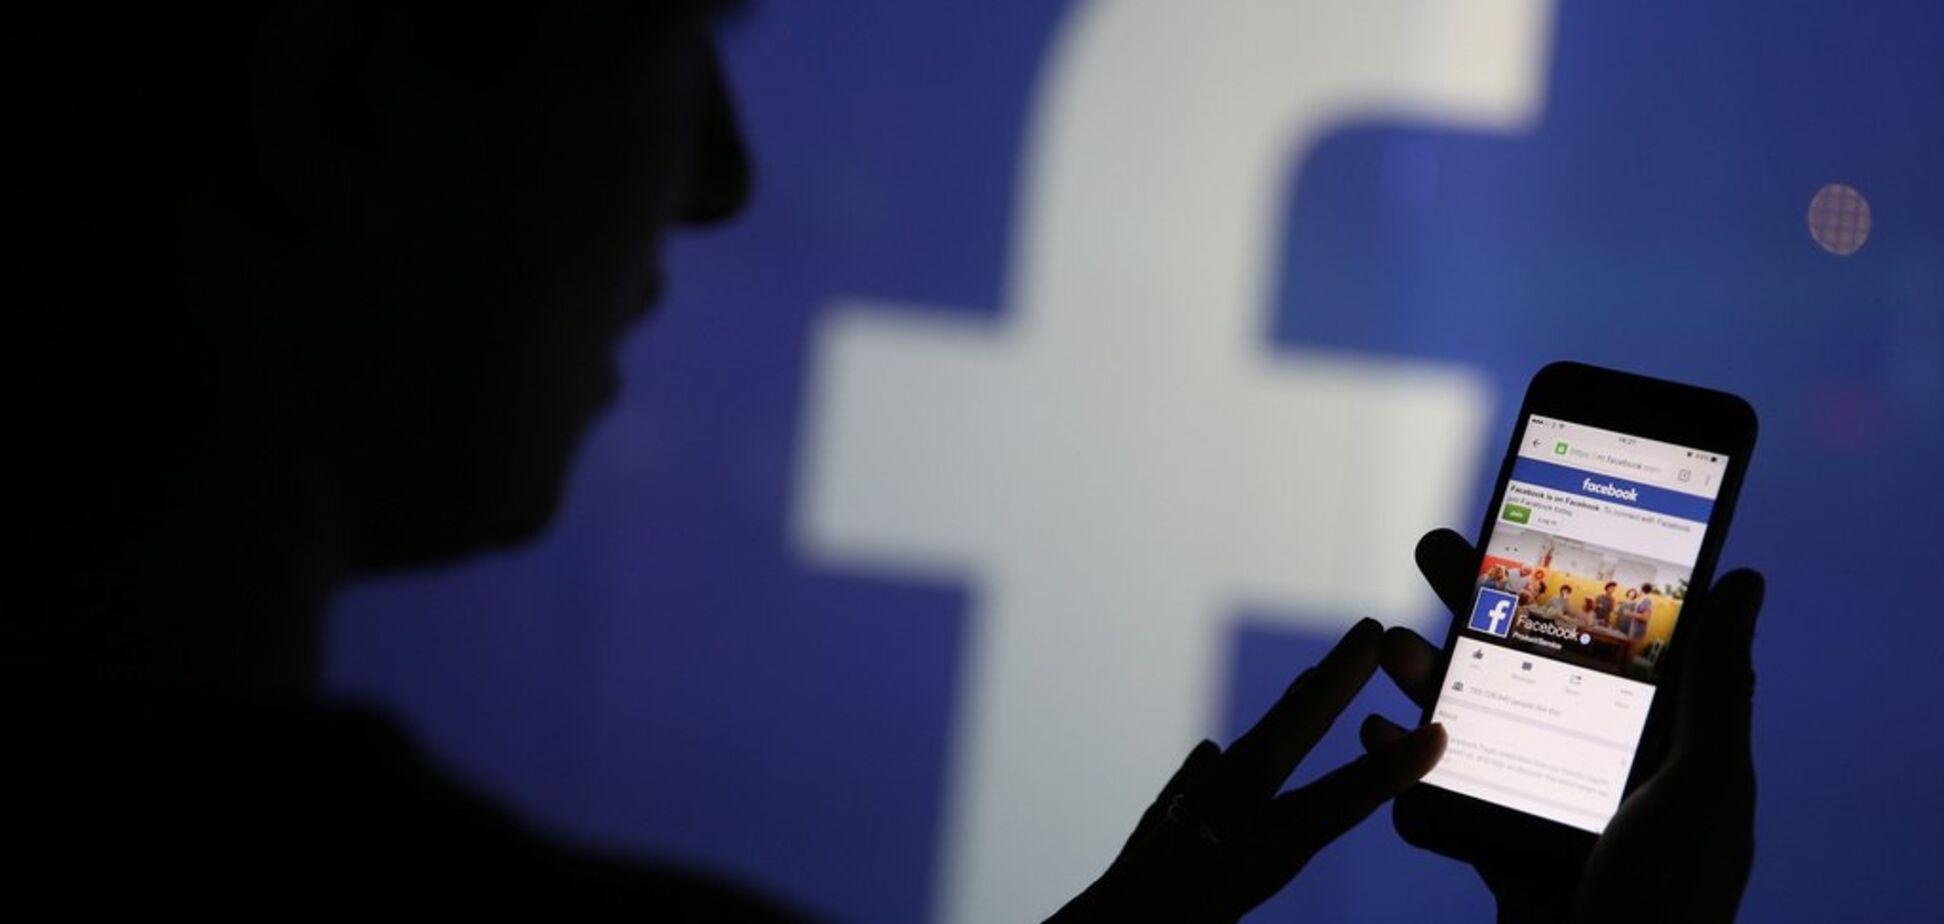 Первый случай: Facebook обязали исправить сообщение с фейком